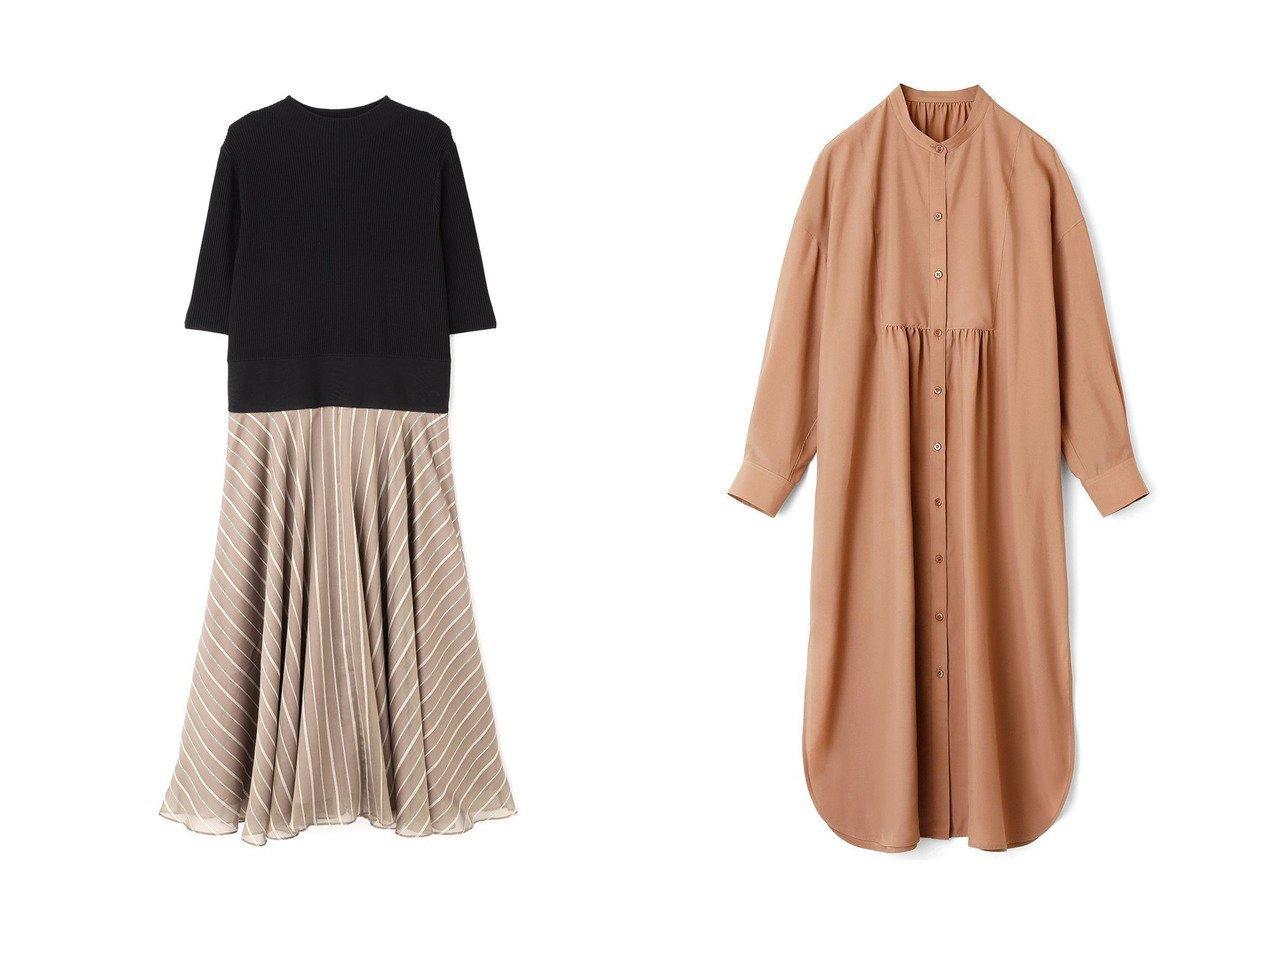 【ANAYI/アナイ】のソフトタイプライターシャツ ワンピース&【ADORE/アドーア】のシアーストライプワンピース 【ワンピース・ドレス】おすすめ!人気、トレンド・レディースファッションの通販  おすすめで人気の流行・トレンド、ファッションの通販商品 インテリア・家具・メンズファッション・キッズファッション・レディースファッション・服の通販 founy(ファニー) https://founy.com/ ファッション Fashion レディースファッション WOMEN ワンピース Dress シャツワンピース Shirt Dresses カフス ショルダー スタンド スリット タイプライター ドロップ ロング |ID:crp329100000049258